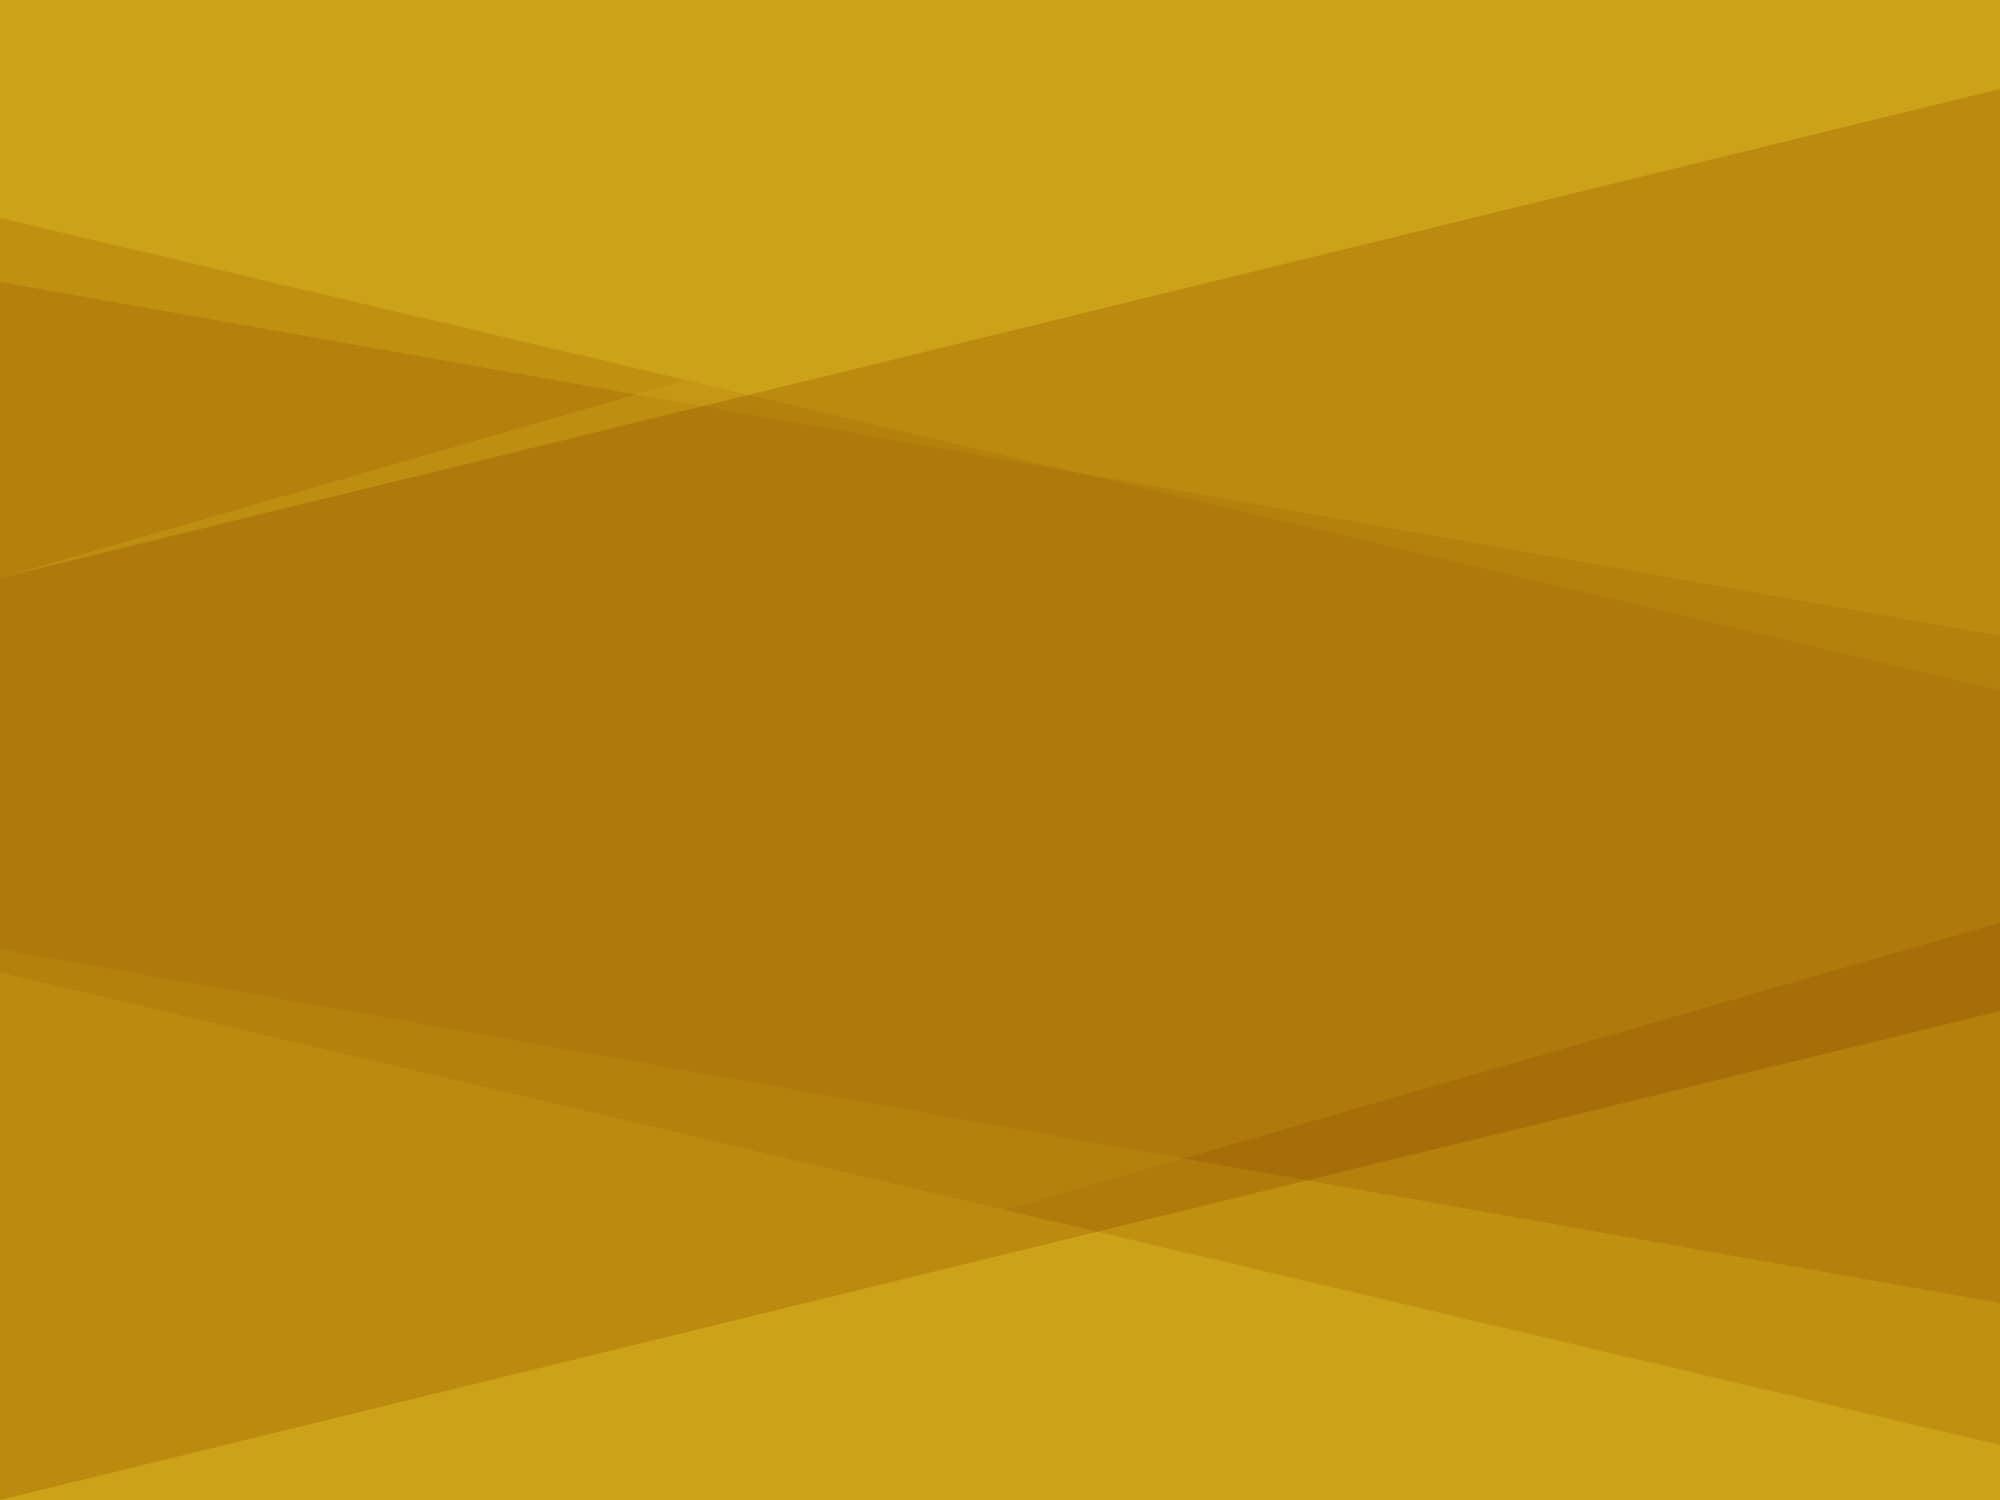 Diagonal screens texture gold